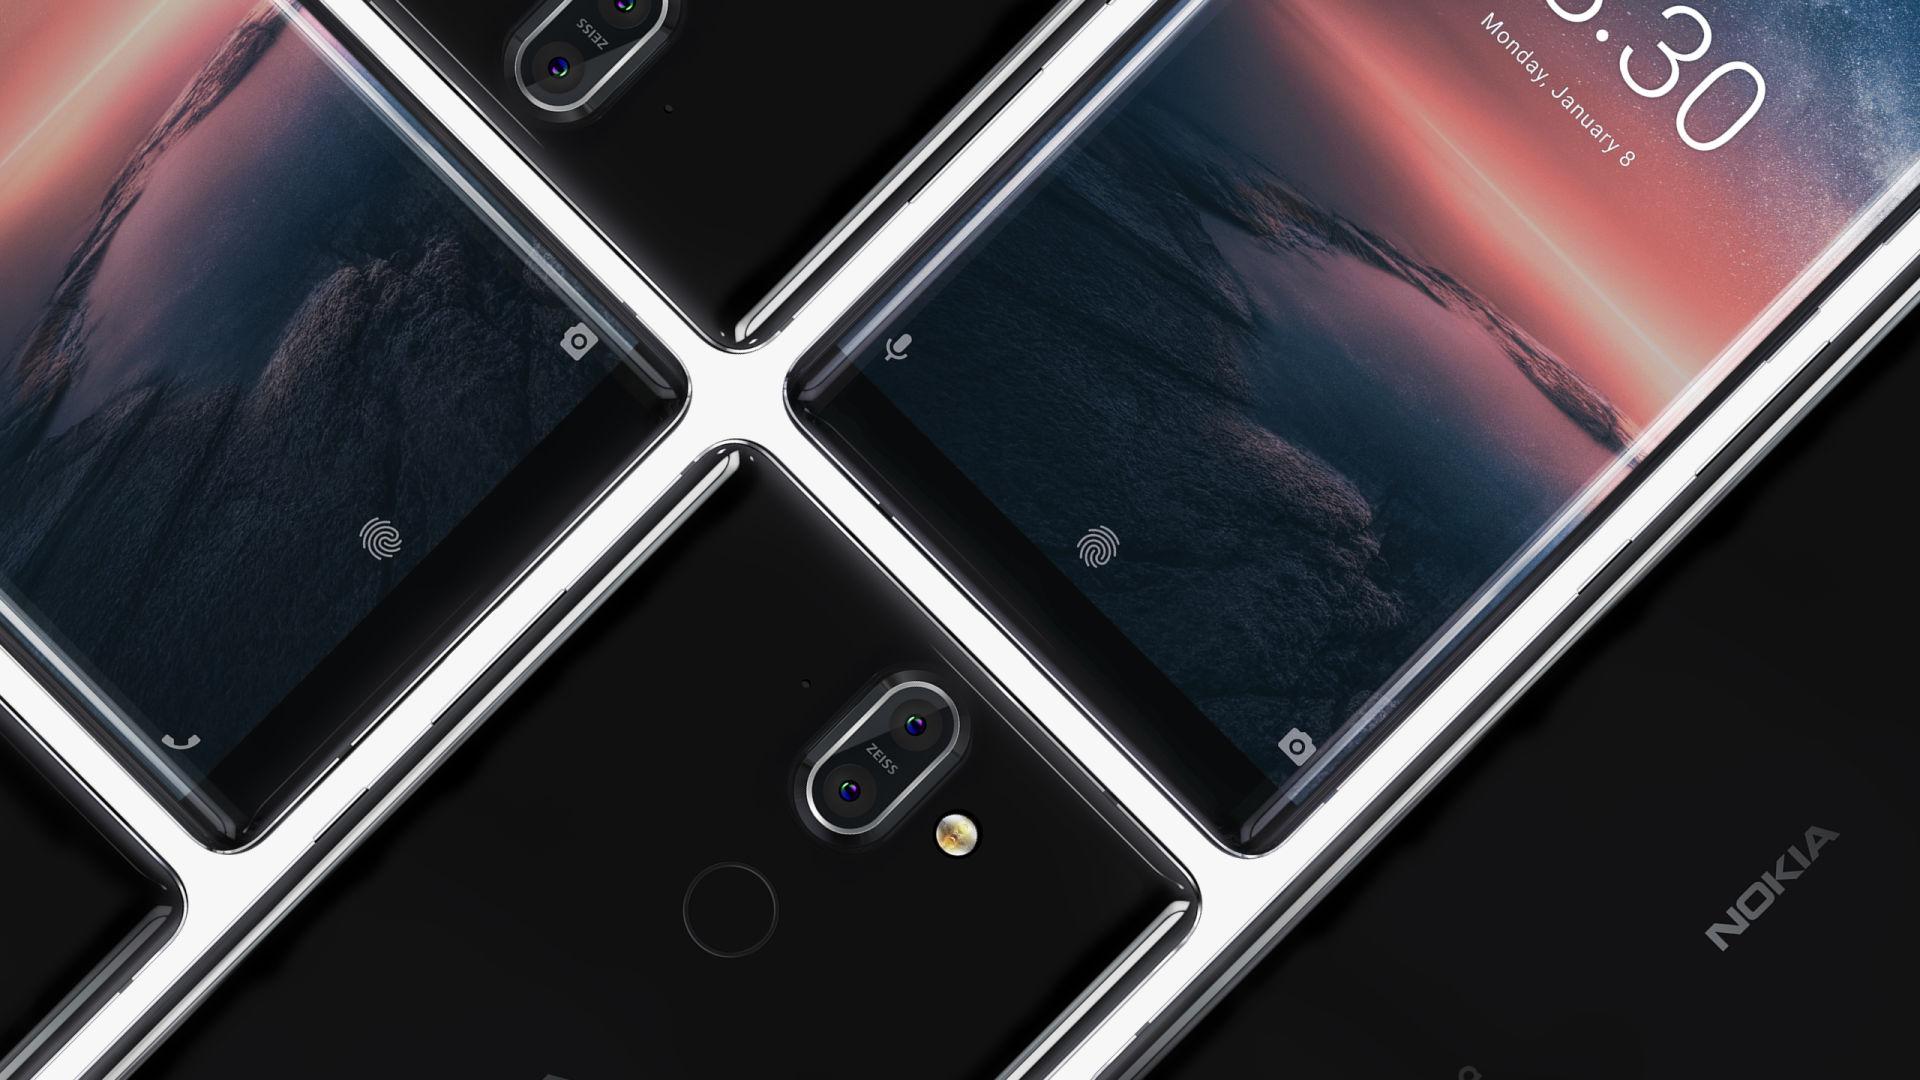 Nokia 8 Sirocco e Nokia 2 (con Oreo) ricevono le patch di sicurezza di Google di maggio 2019